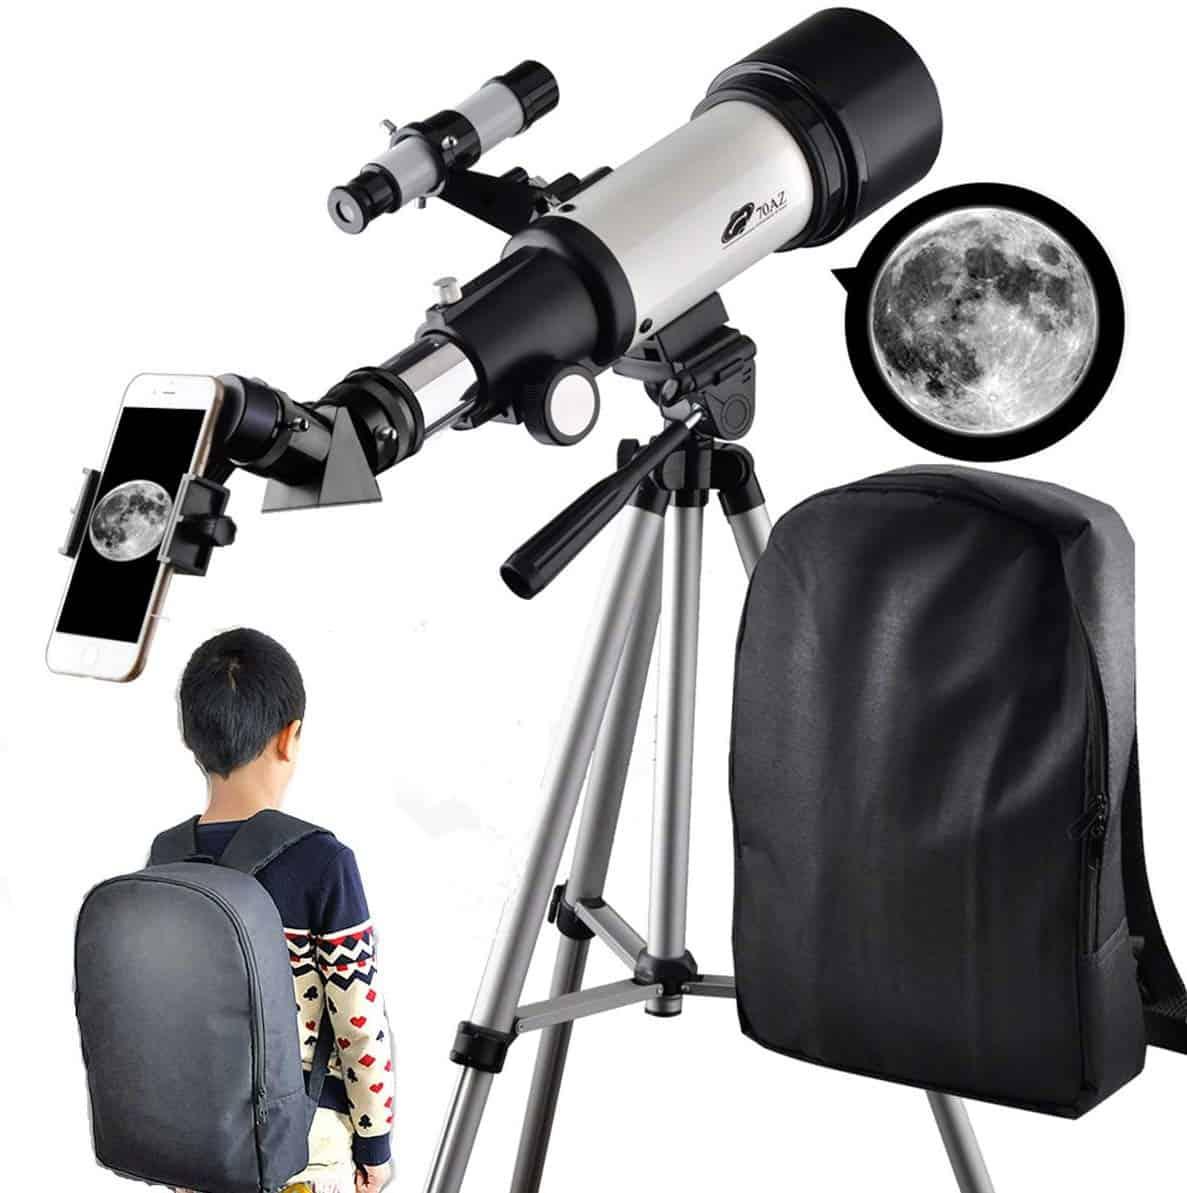 SoloMark Telescope for Kids